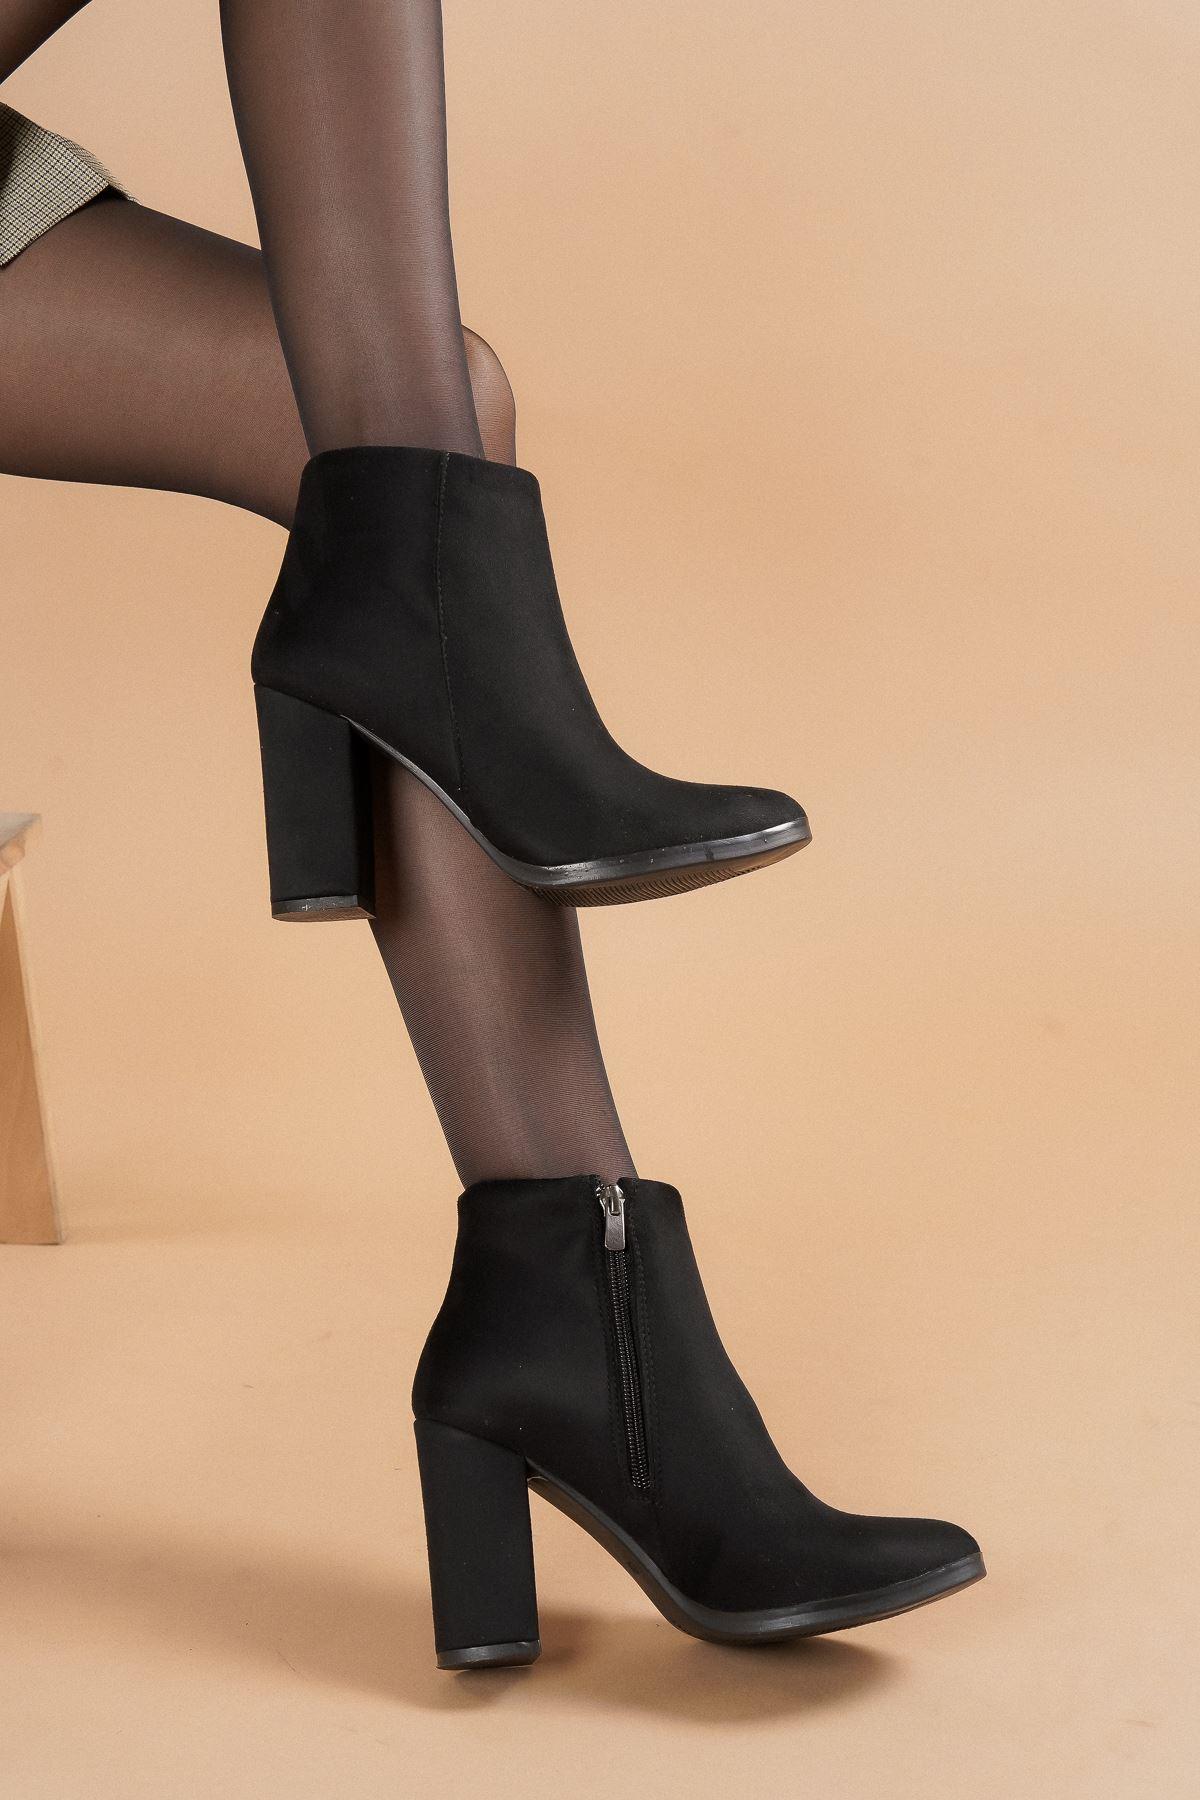 Tiamo Siyah Süet Topuklu Kadın Bot